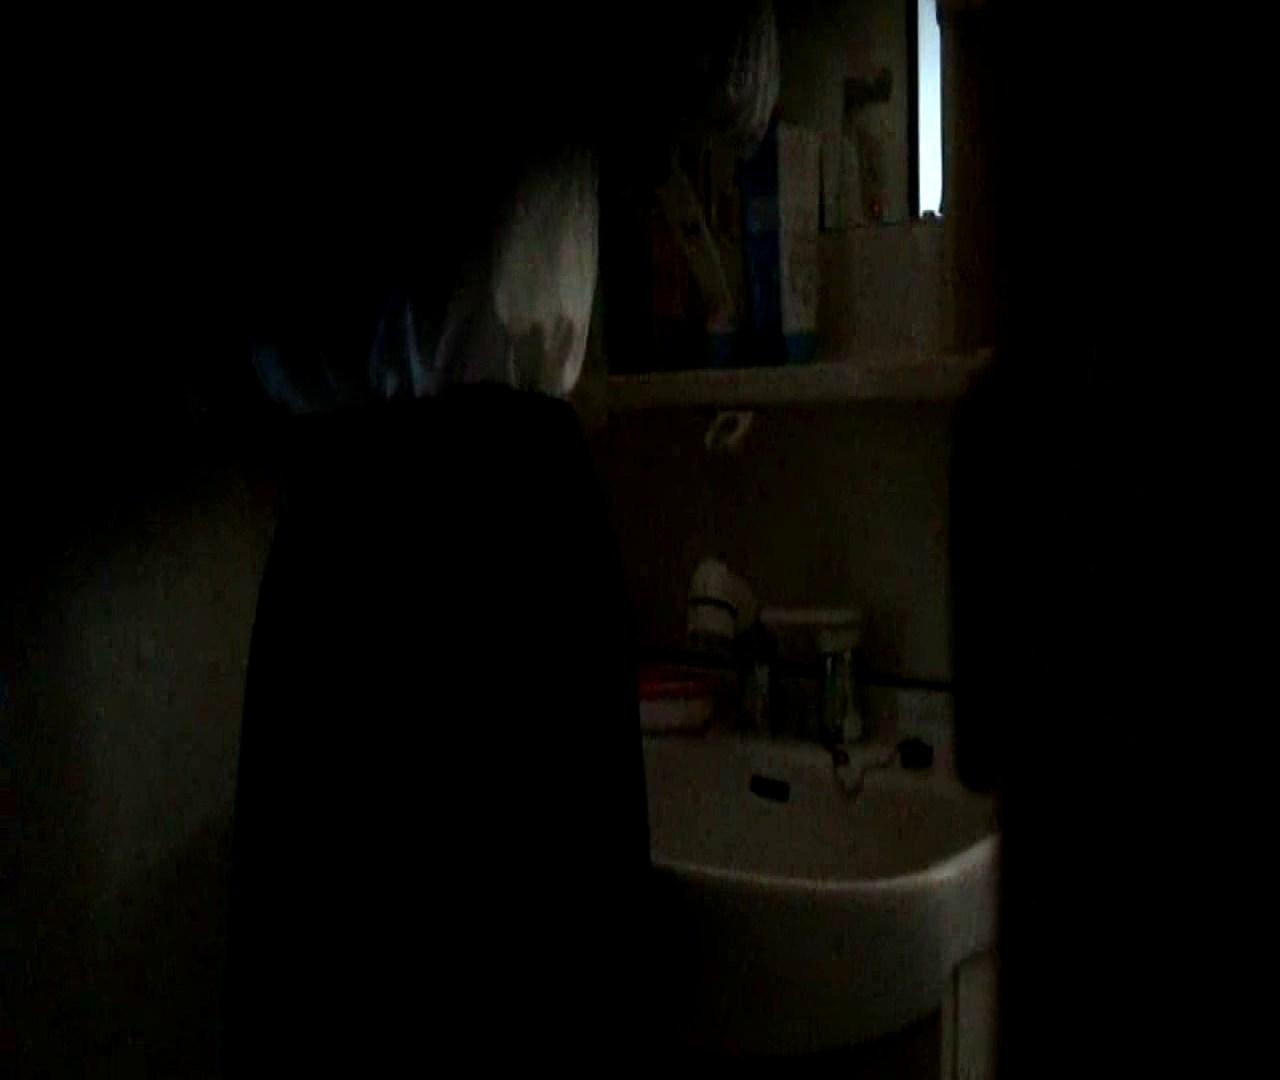 二人とも育てた甲斐がありました… vol.05 まどかが洗顔後にブラを洗濯 HなOL | 0  98pic 34